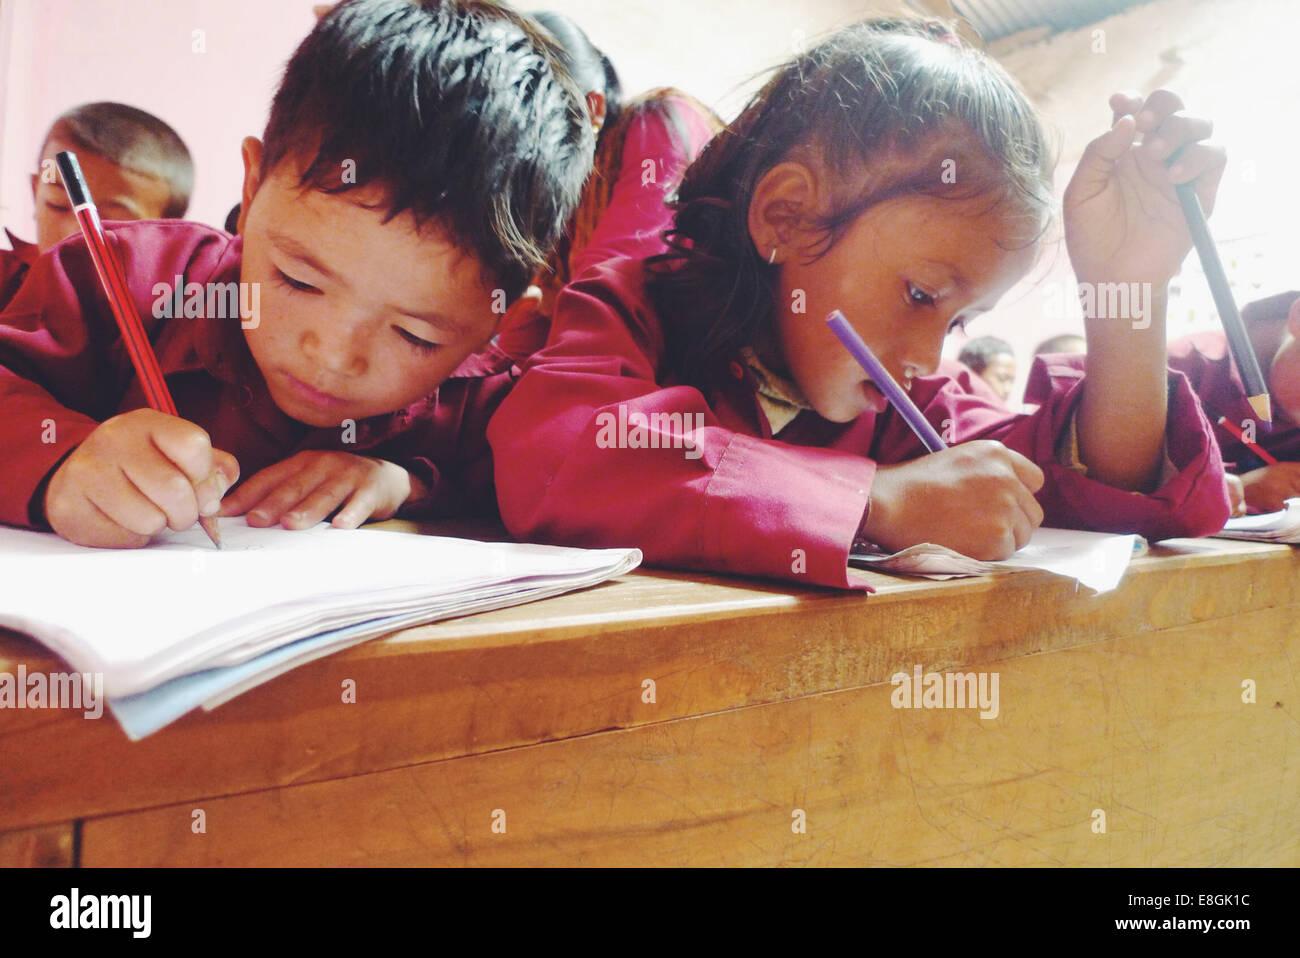 Los niños de la escuela escrito en el aula Imagen De Stock